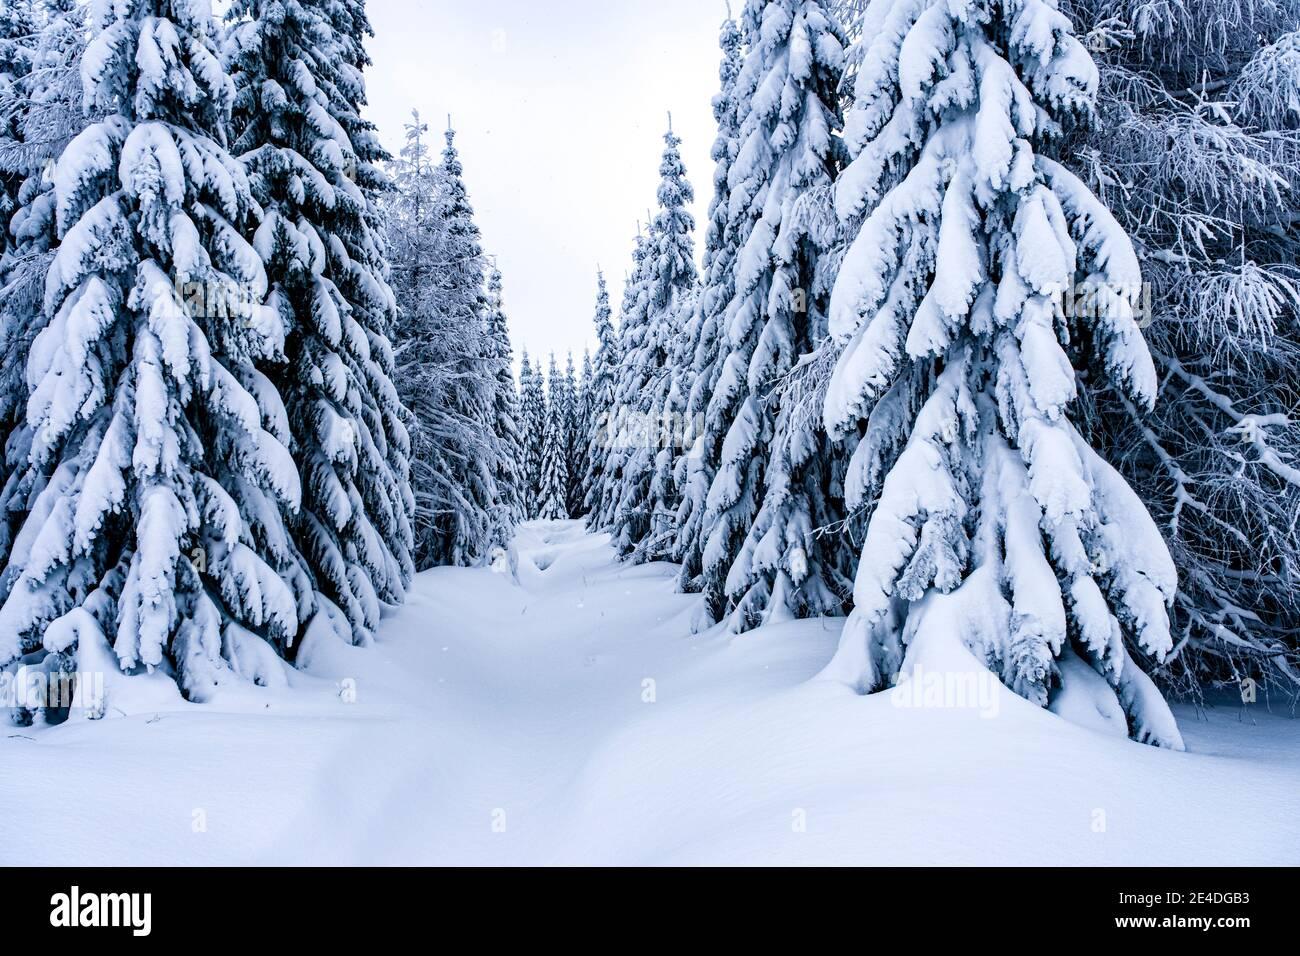 Paisaje invernal con árboles, heladas y nieve en un día nublado en las montañas de Ore. Foto de stock